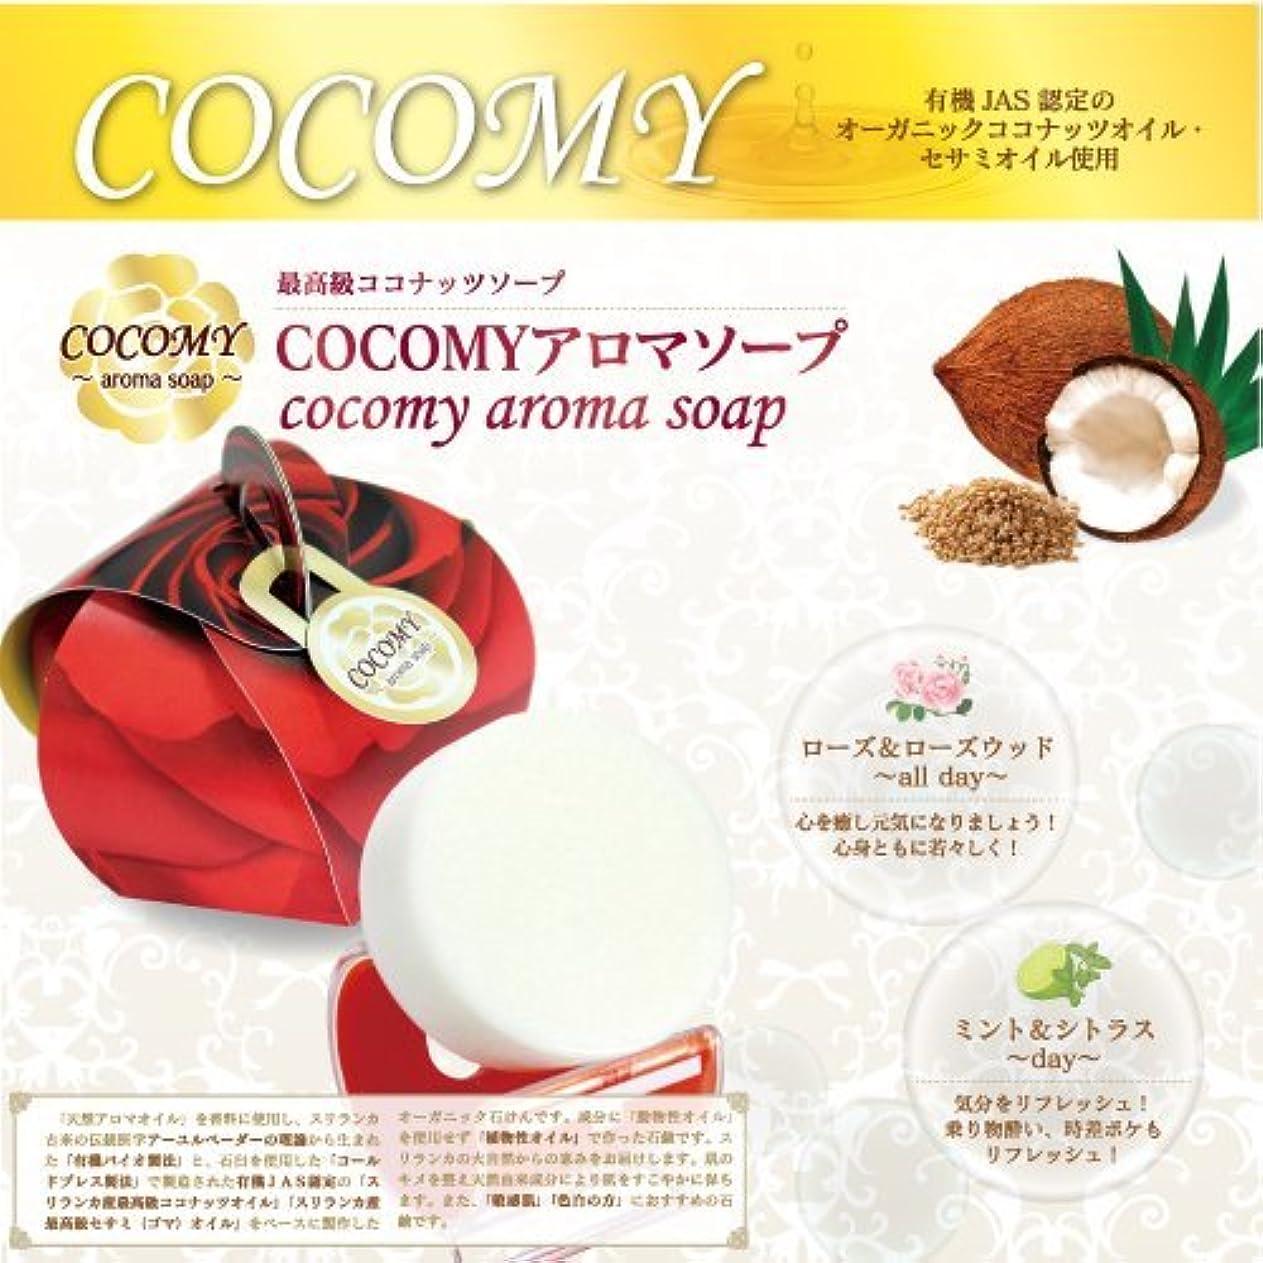 音声学むしゃむしゃ眠いですCOCOMY aromaソープ 4個セット (ミント&シトラス)(ローズ&ローズウッド) 40g×各2